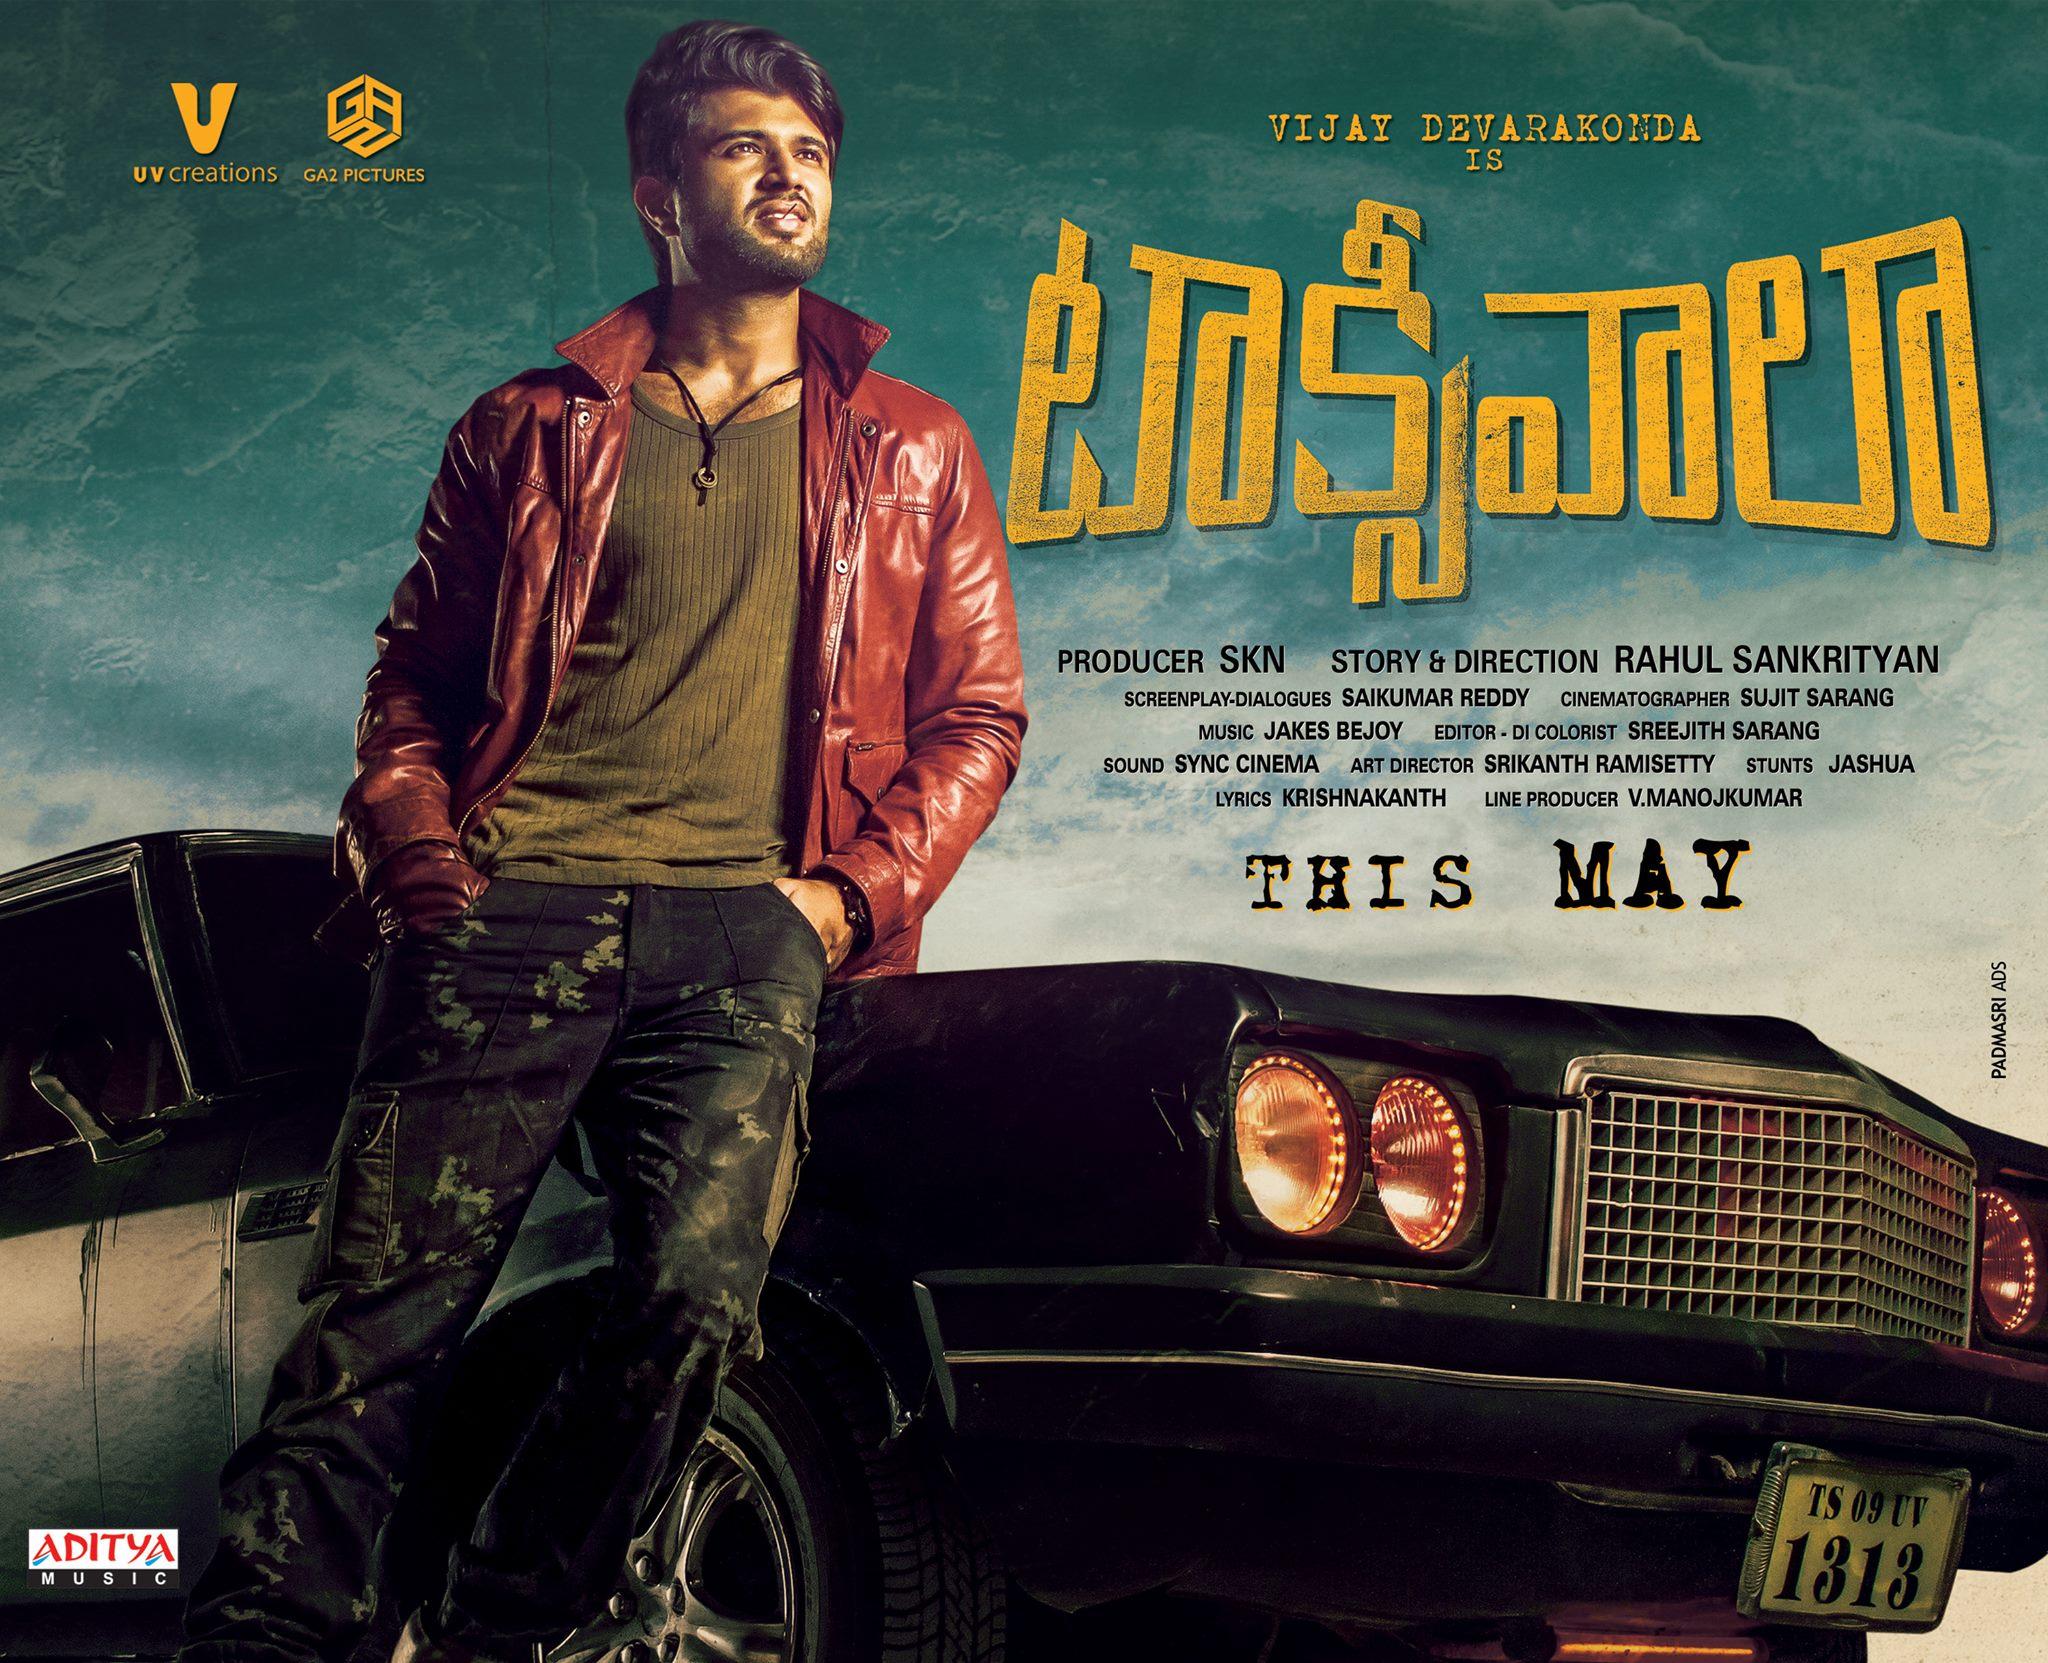 Srimanthudu Ultra Hd All Posters Wallpapers: Vijay Deverakonda Taxiwala Movie First Look ULTRA HD